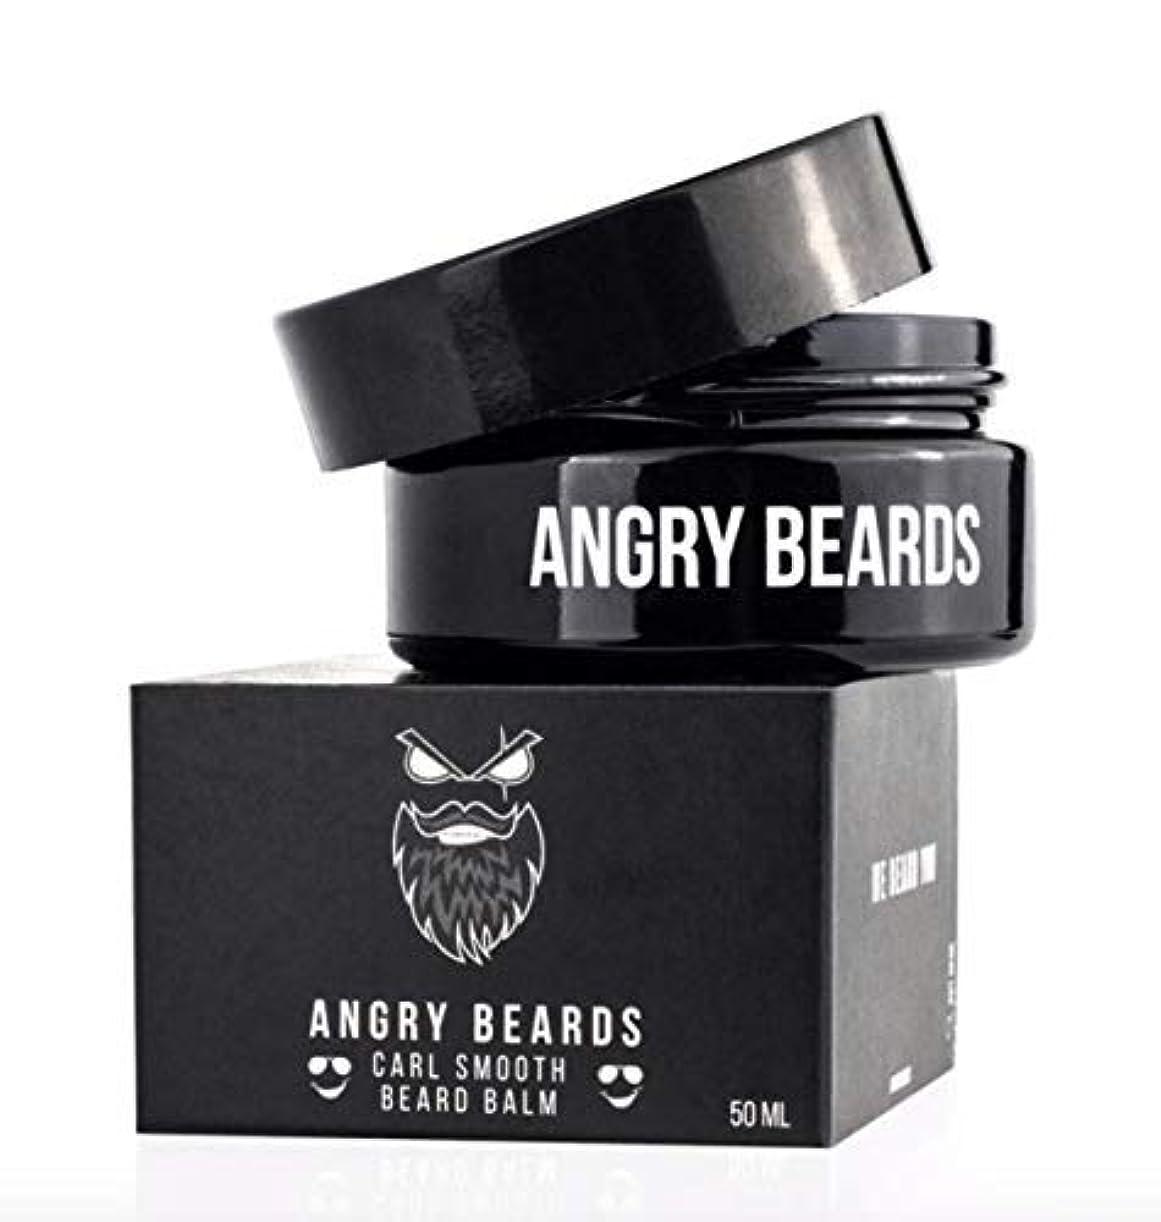 外交蒸し器自信があるCarl Smooth Beard Balm by Angry Beards 50ml / カールスムースビアードバームバイアングリービアード50ml Made in Czech Republic